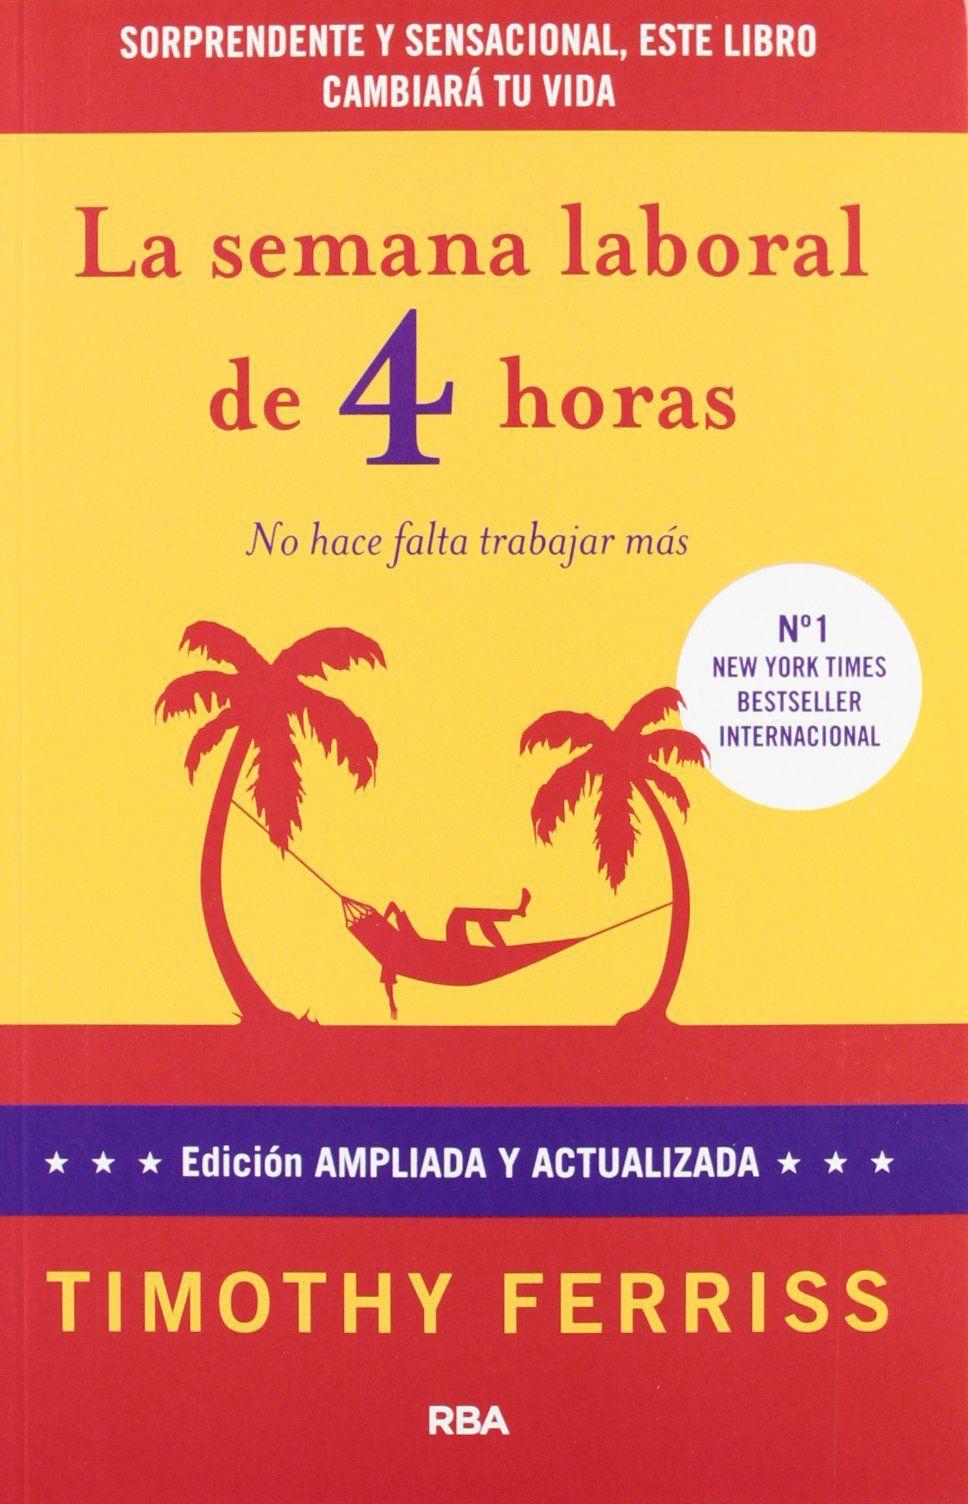 La Semana Laboral De 4 Horas (NO FICCIÓN 2 GENERAL): Amazon.es: TIMOTHY  FERRISS , MARIA RODRIGUEZ DE VERA, JOSEP ESCARRE REIG: Libros